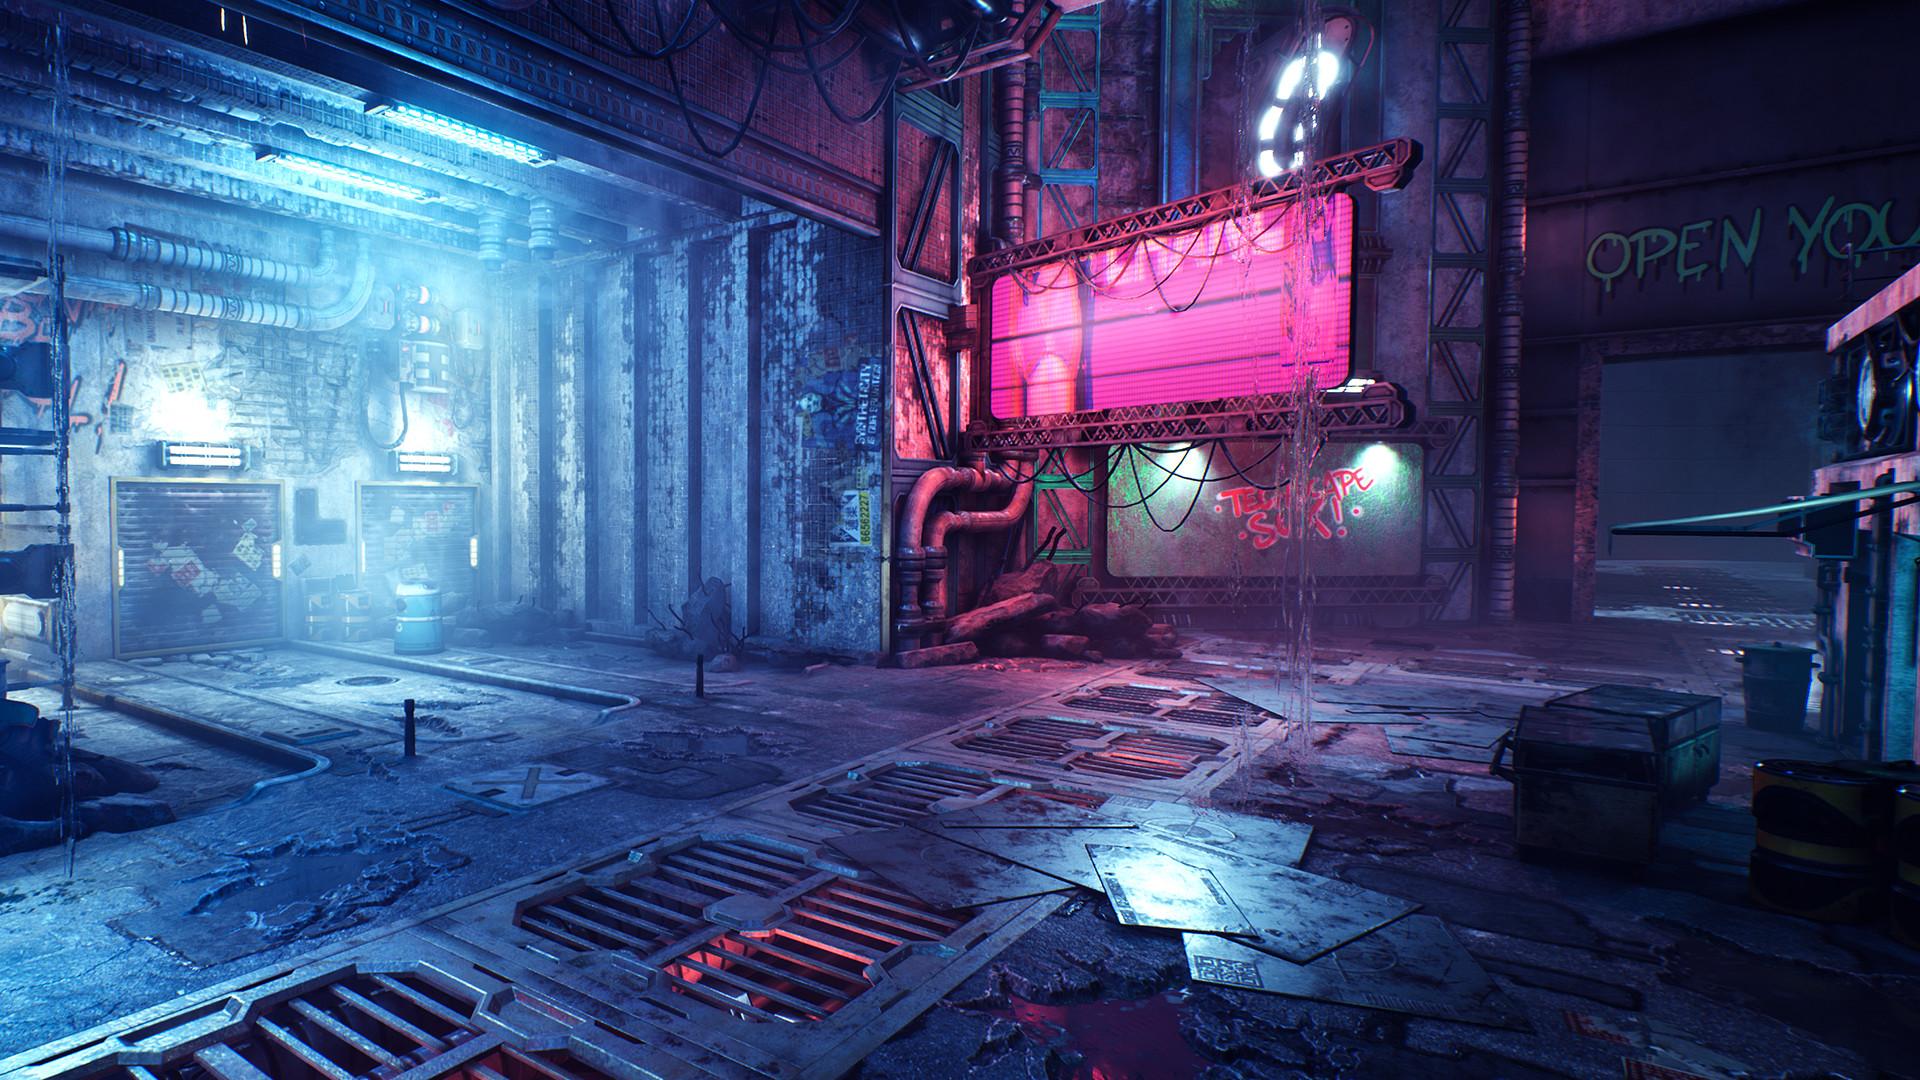 幽灵行者/Ghostrunner(更新硬核模式)插图6